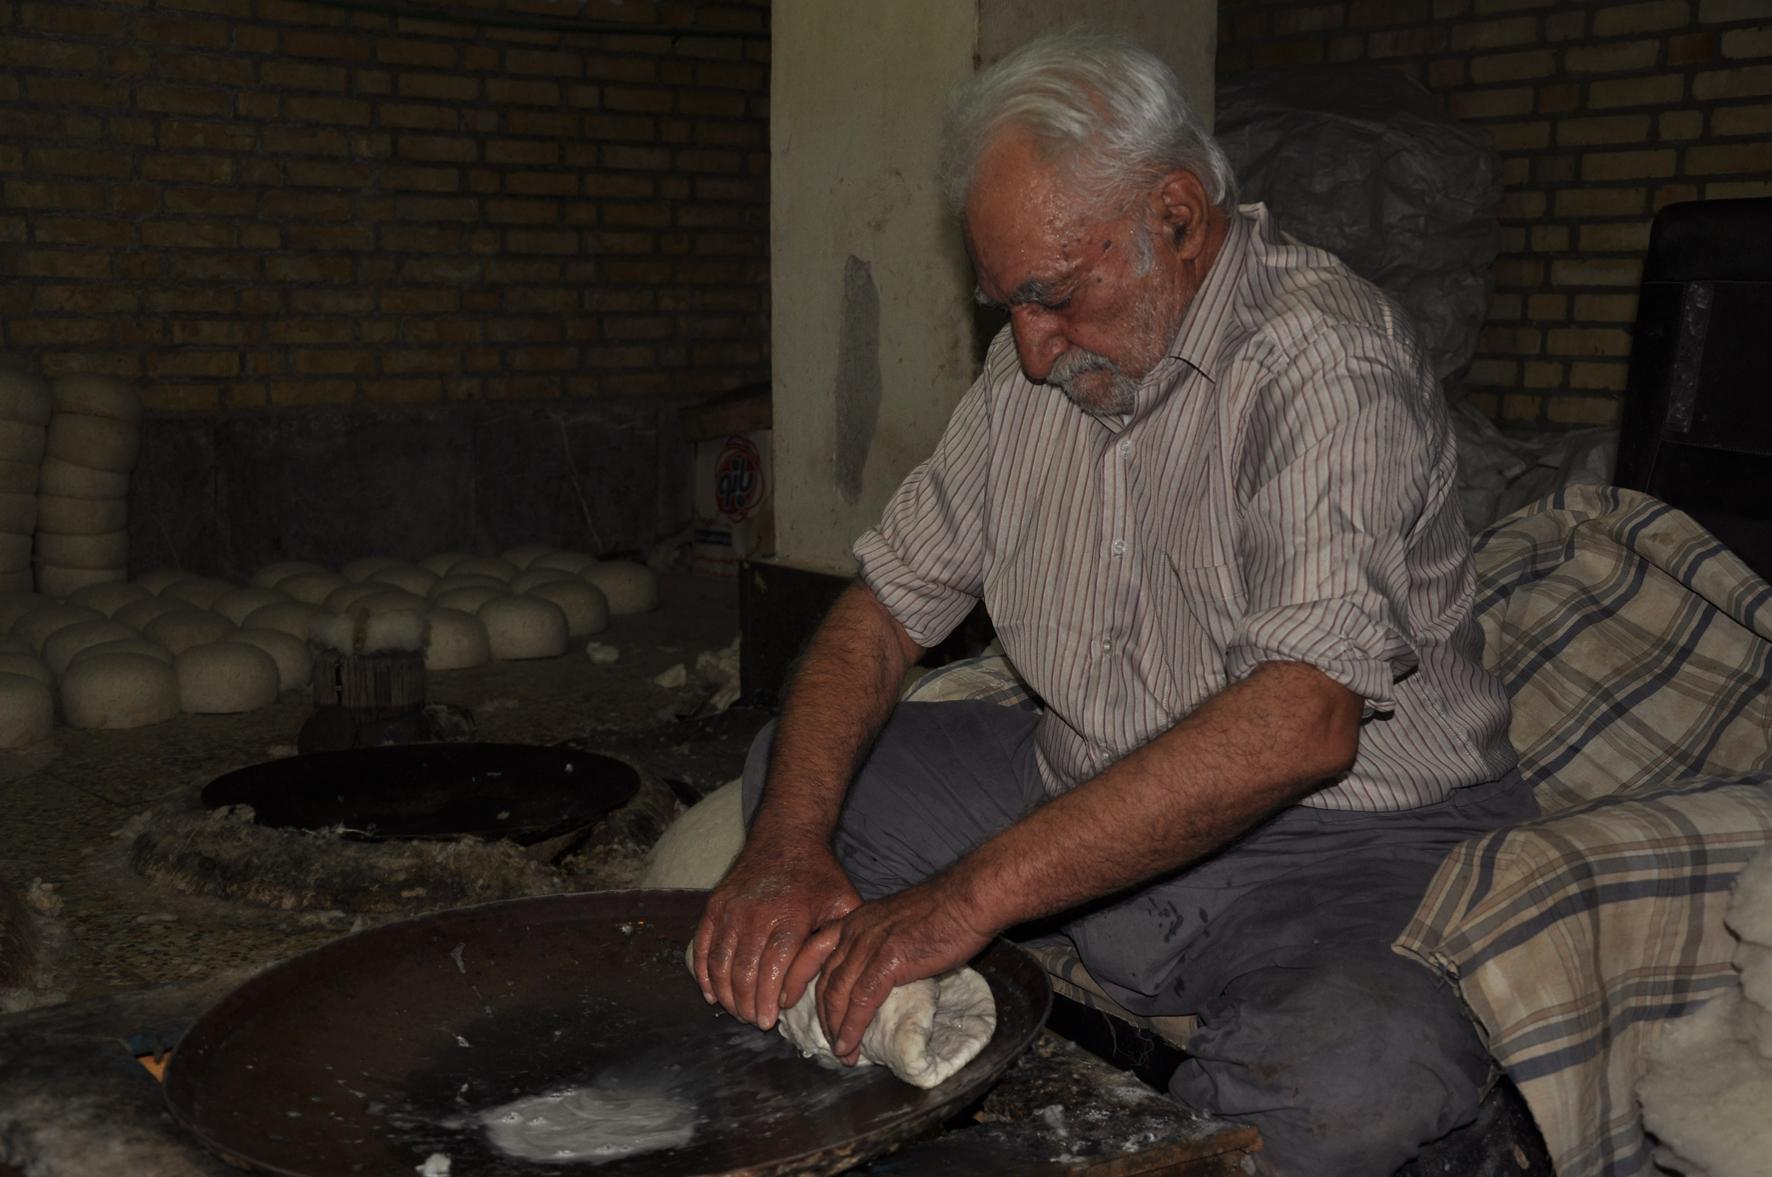 خطر فراموشی هنر اصیل کلاه مالی نجف آباد را تهدید می کند